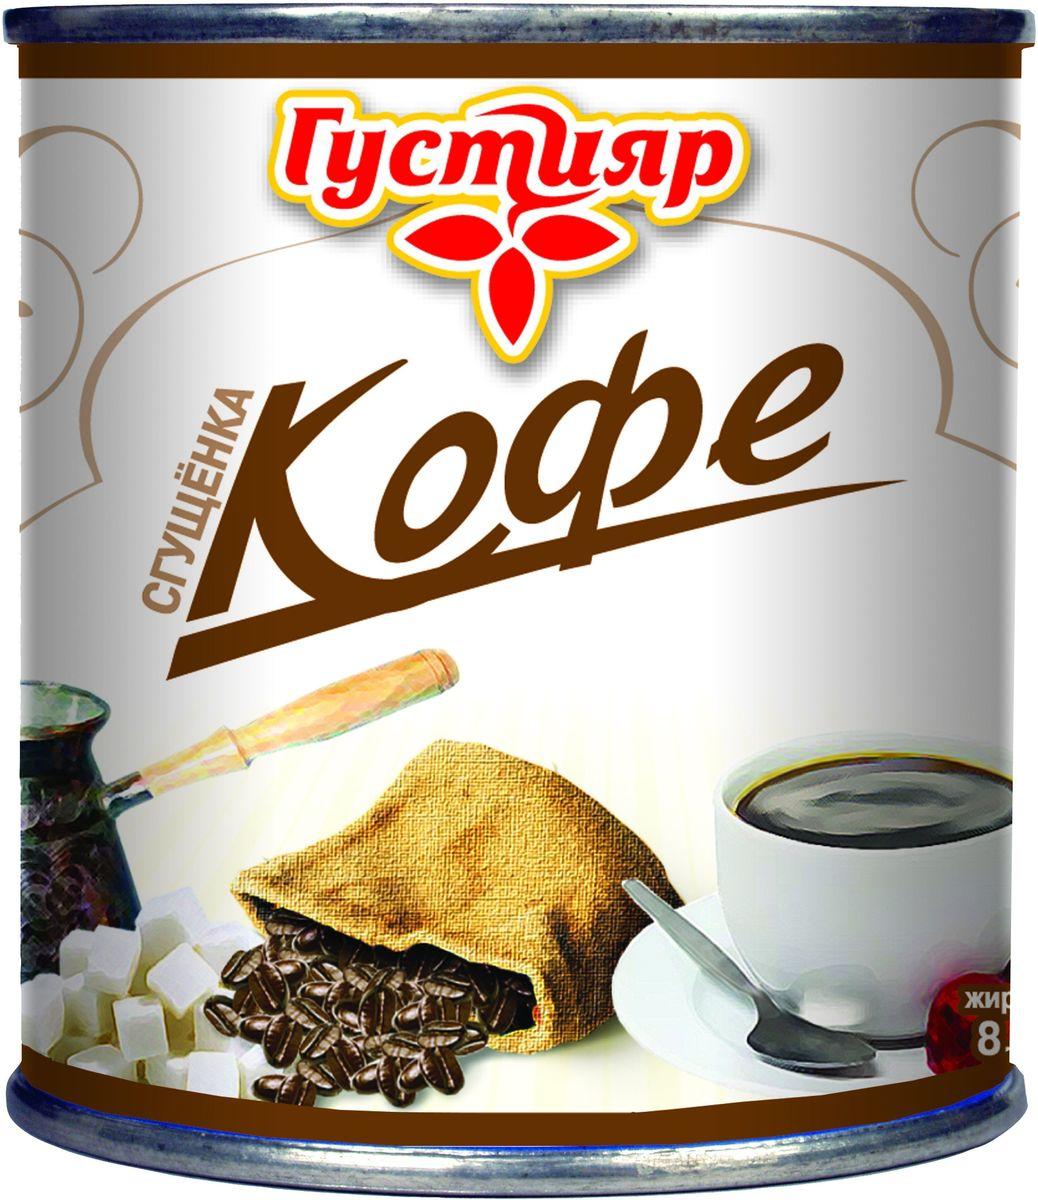 Союзконсервмолоко Густияр молоко сгущенное с кофе, 380 г все цены